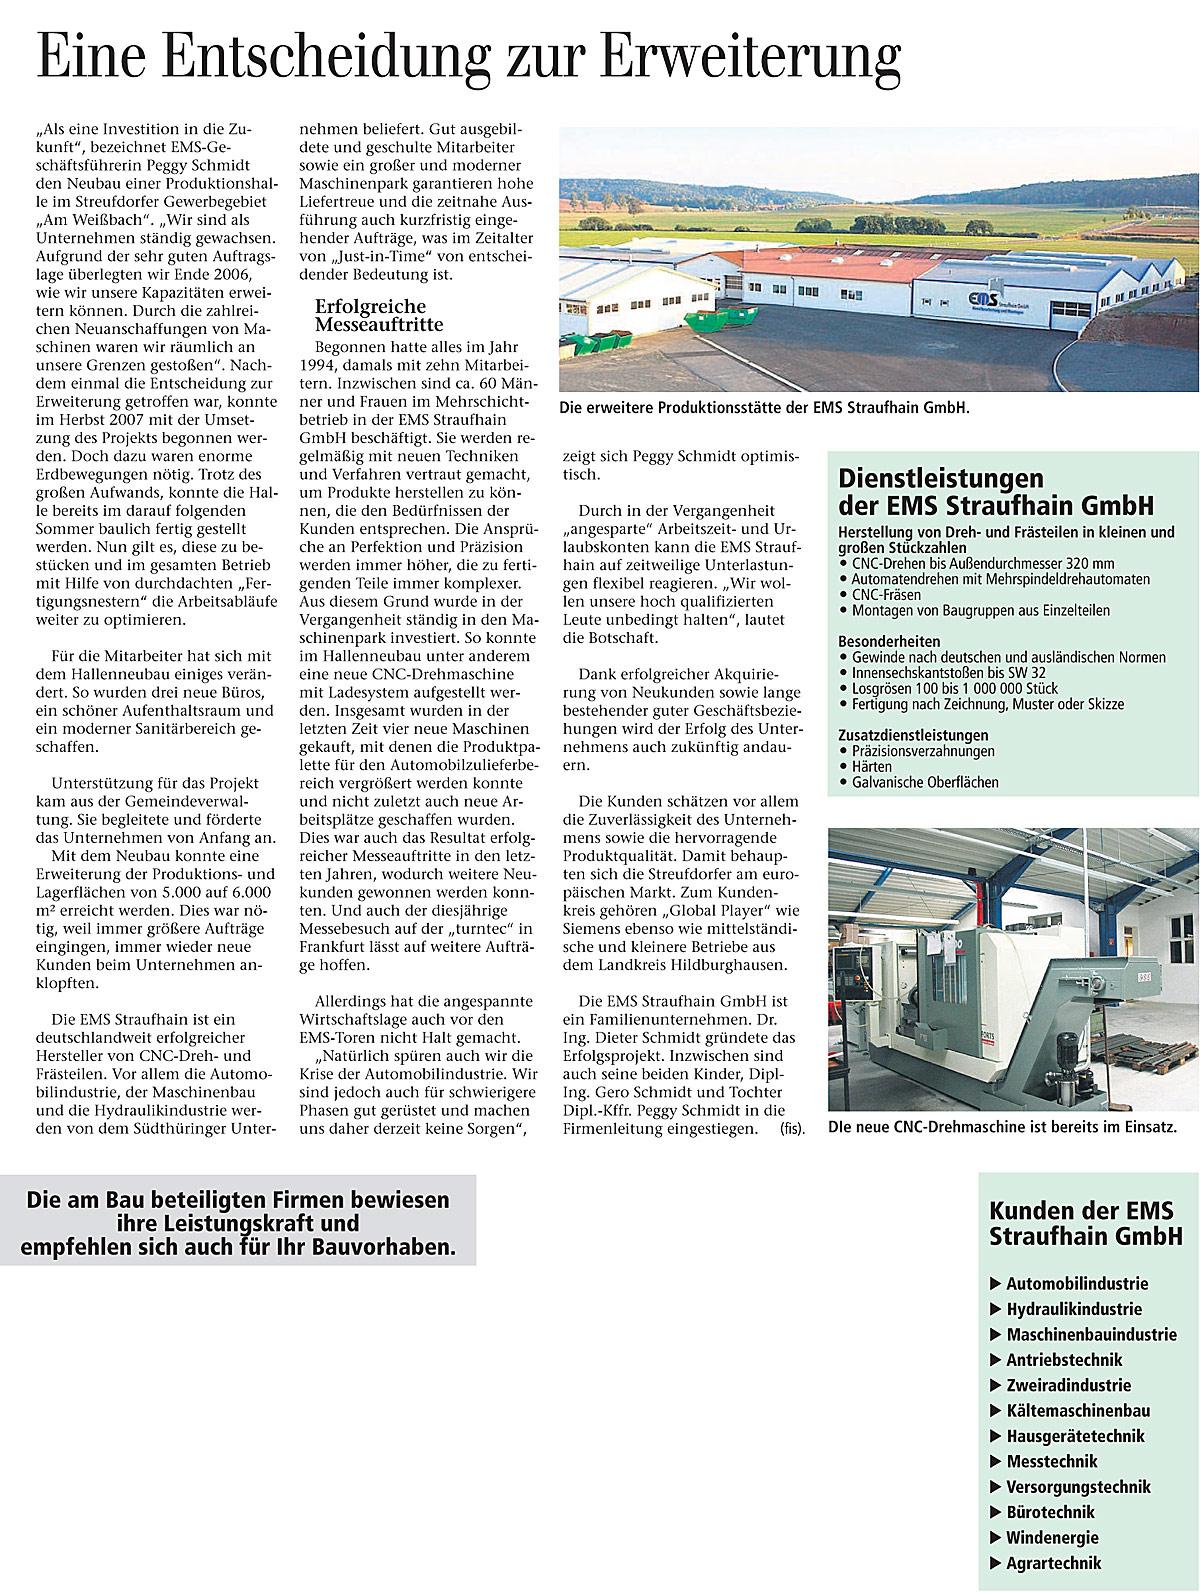 Dezember 2008 – Neue Produktionshalle eingeweiht